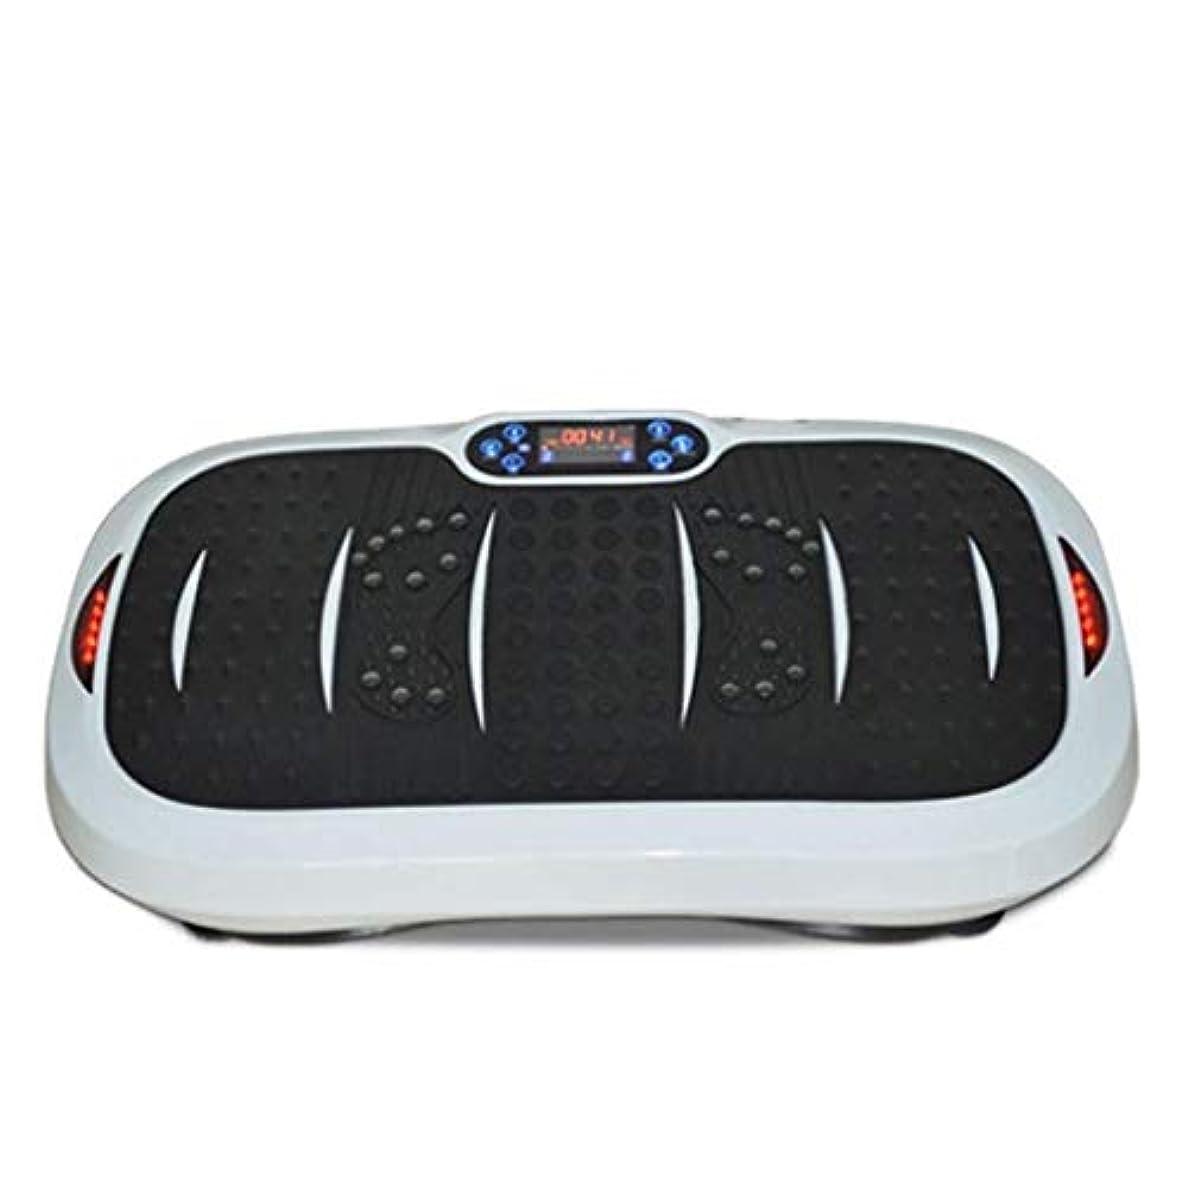 否認するスライスカップル家庭用減量装置、超薄型振動フィットネストレーナー、スポーツおよび3Dフィットネス振動プレート、USB音楽/スピーカー付き/ 99レベル減速ボディおよびタッチディスプレイ滑り止め表面